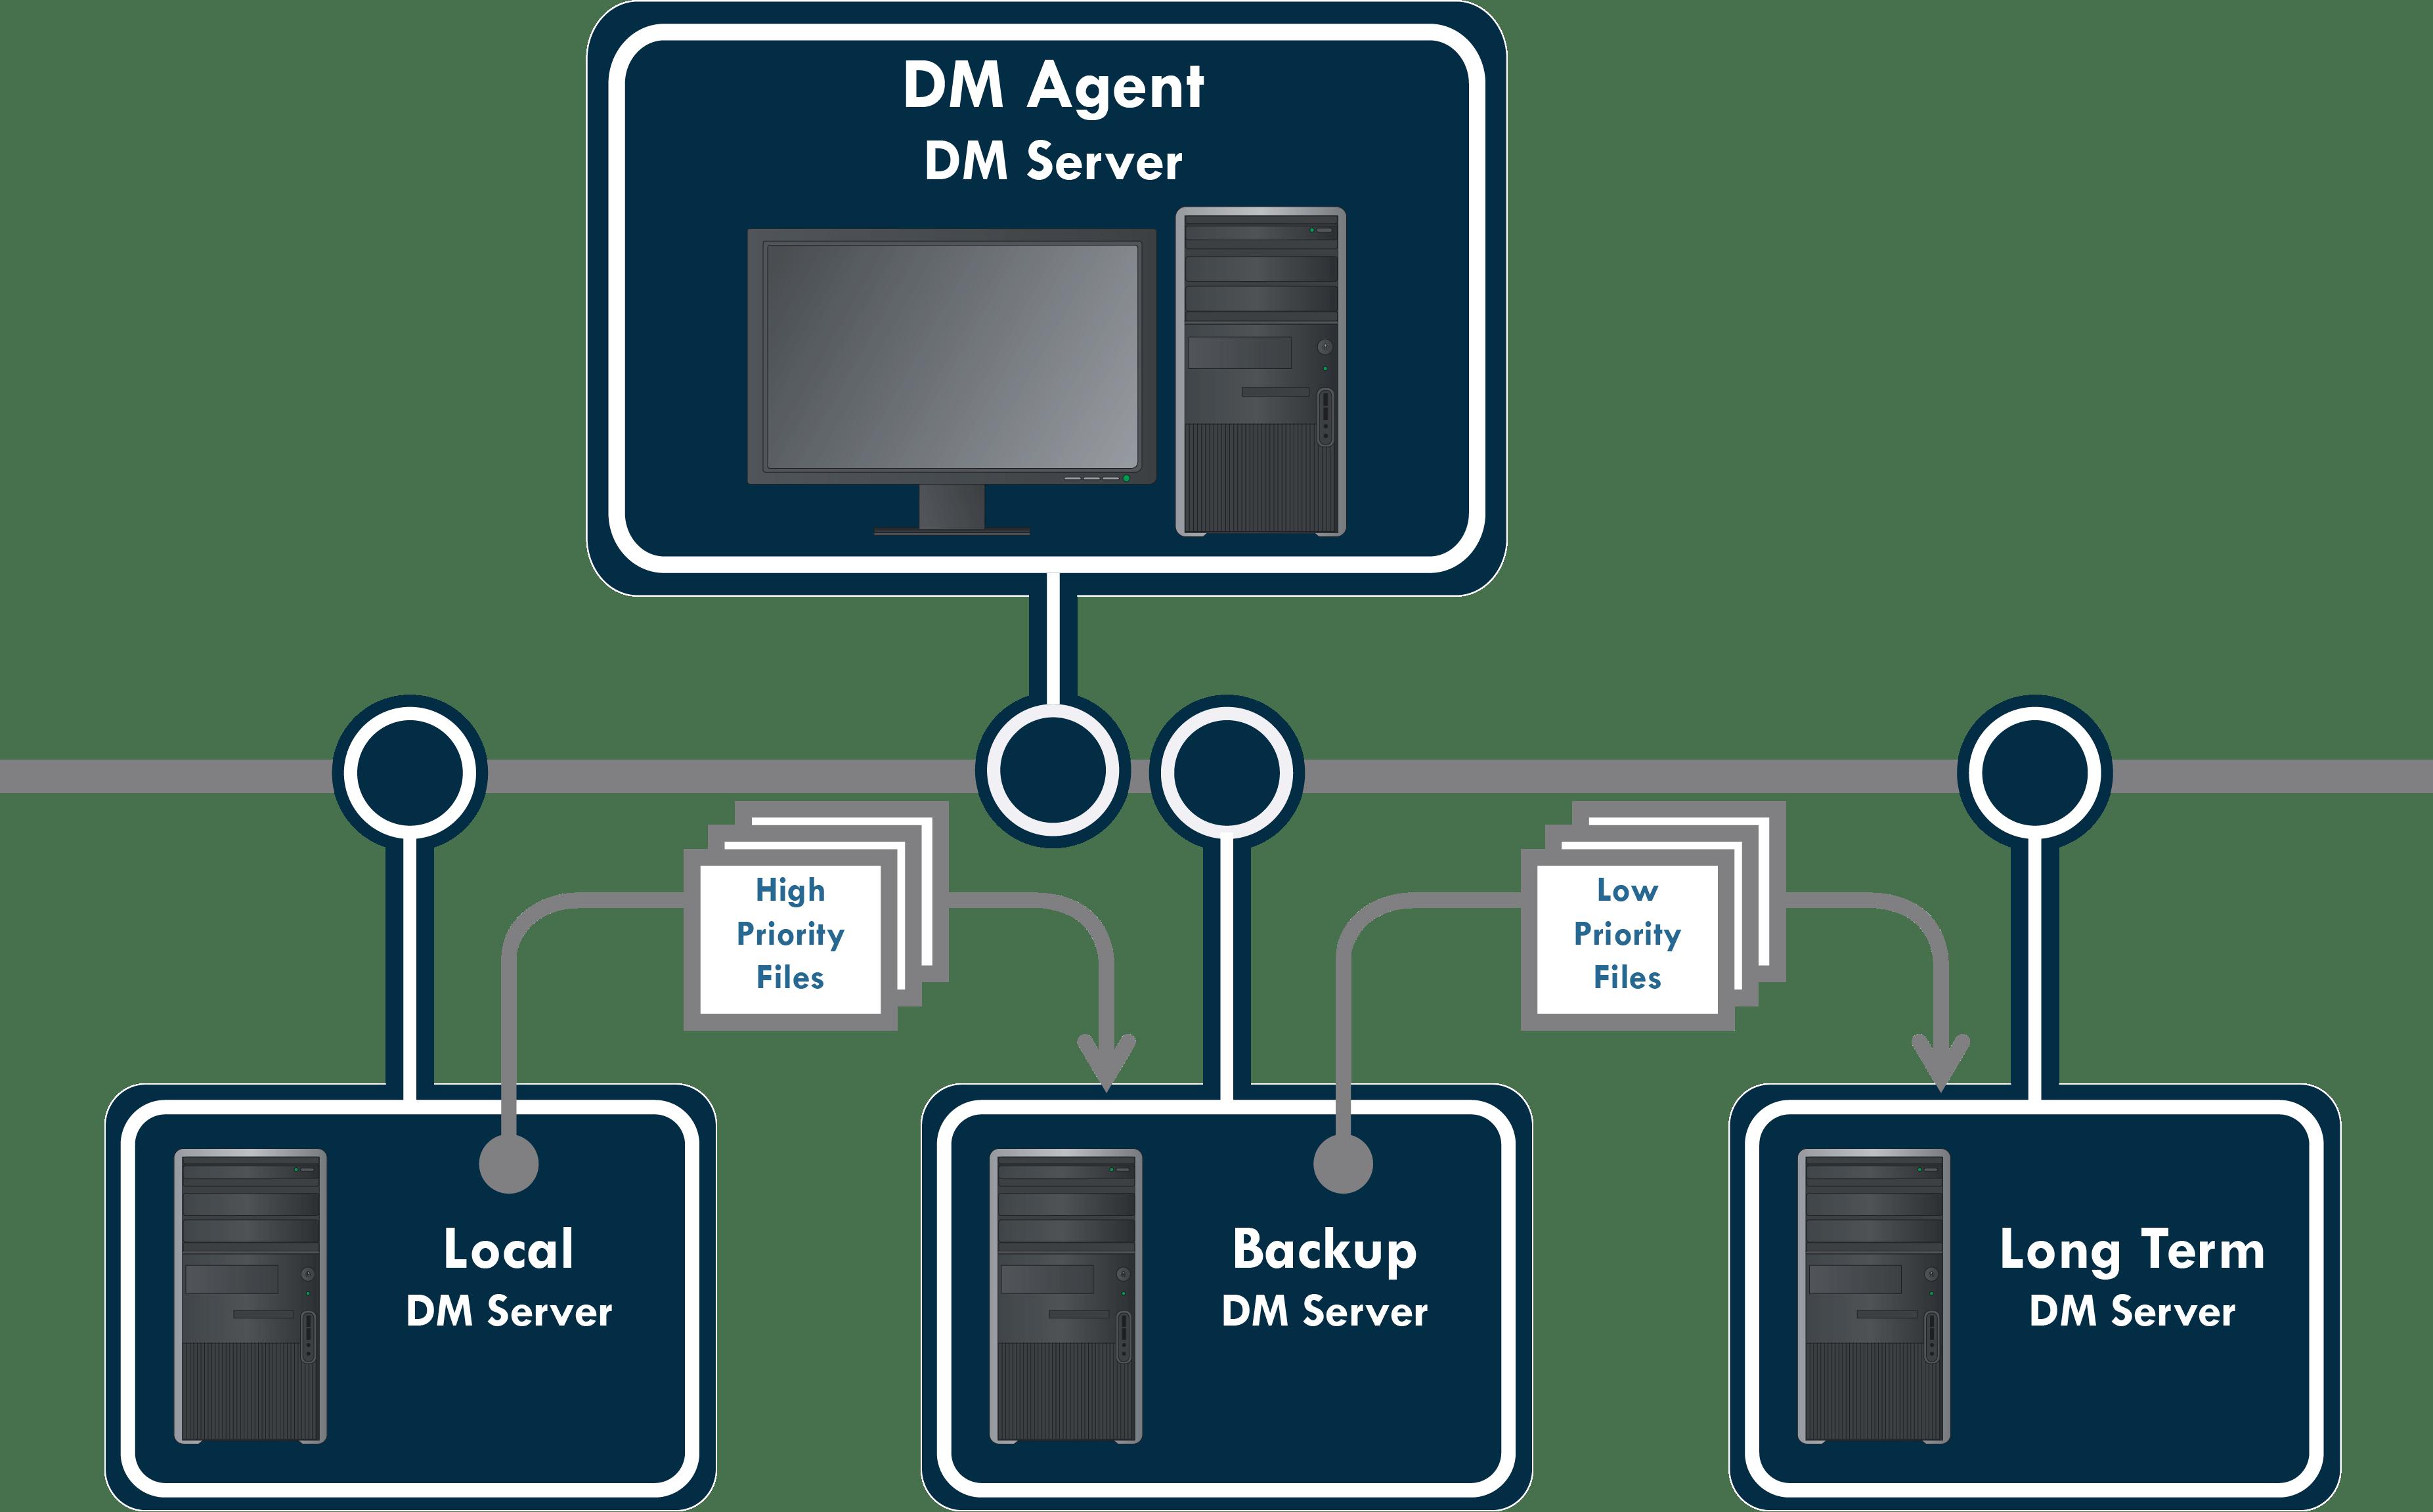 File Transfers, Safe Backups